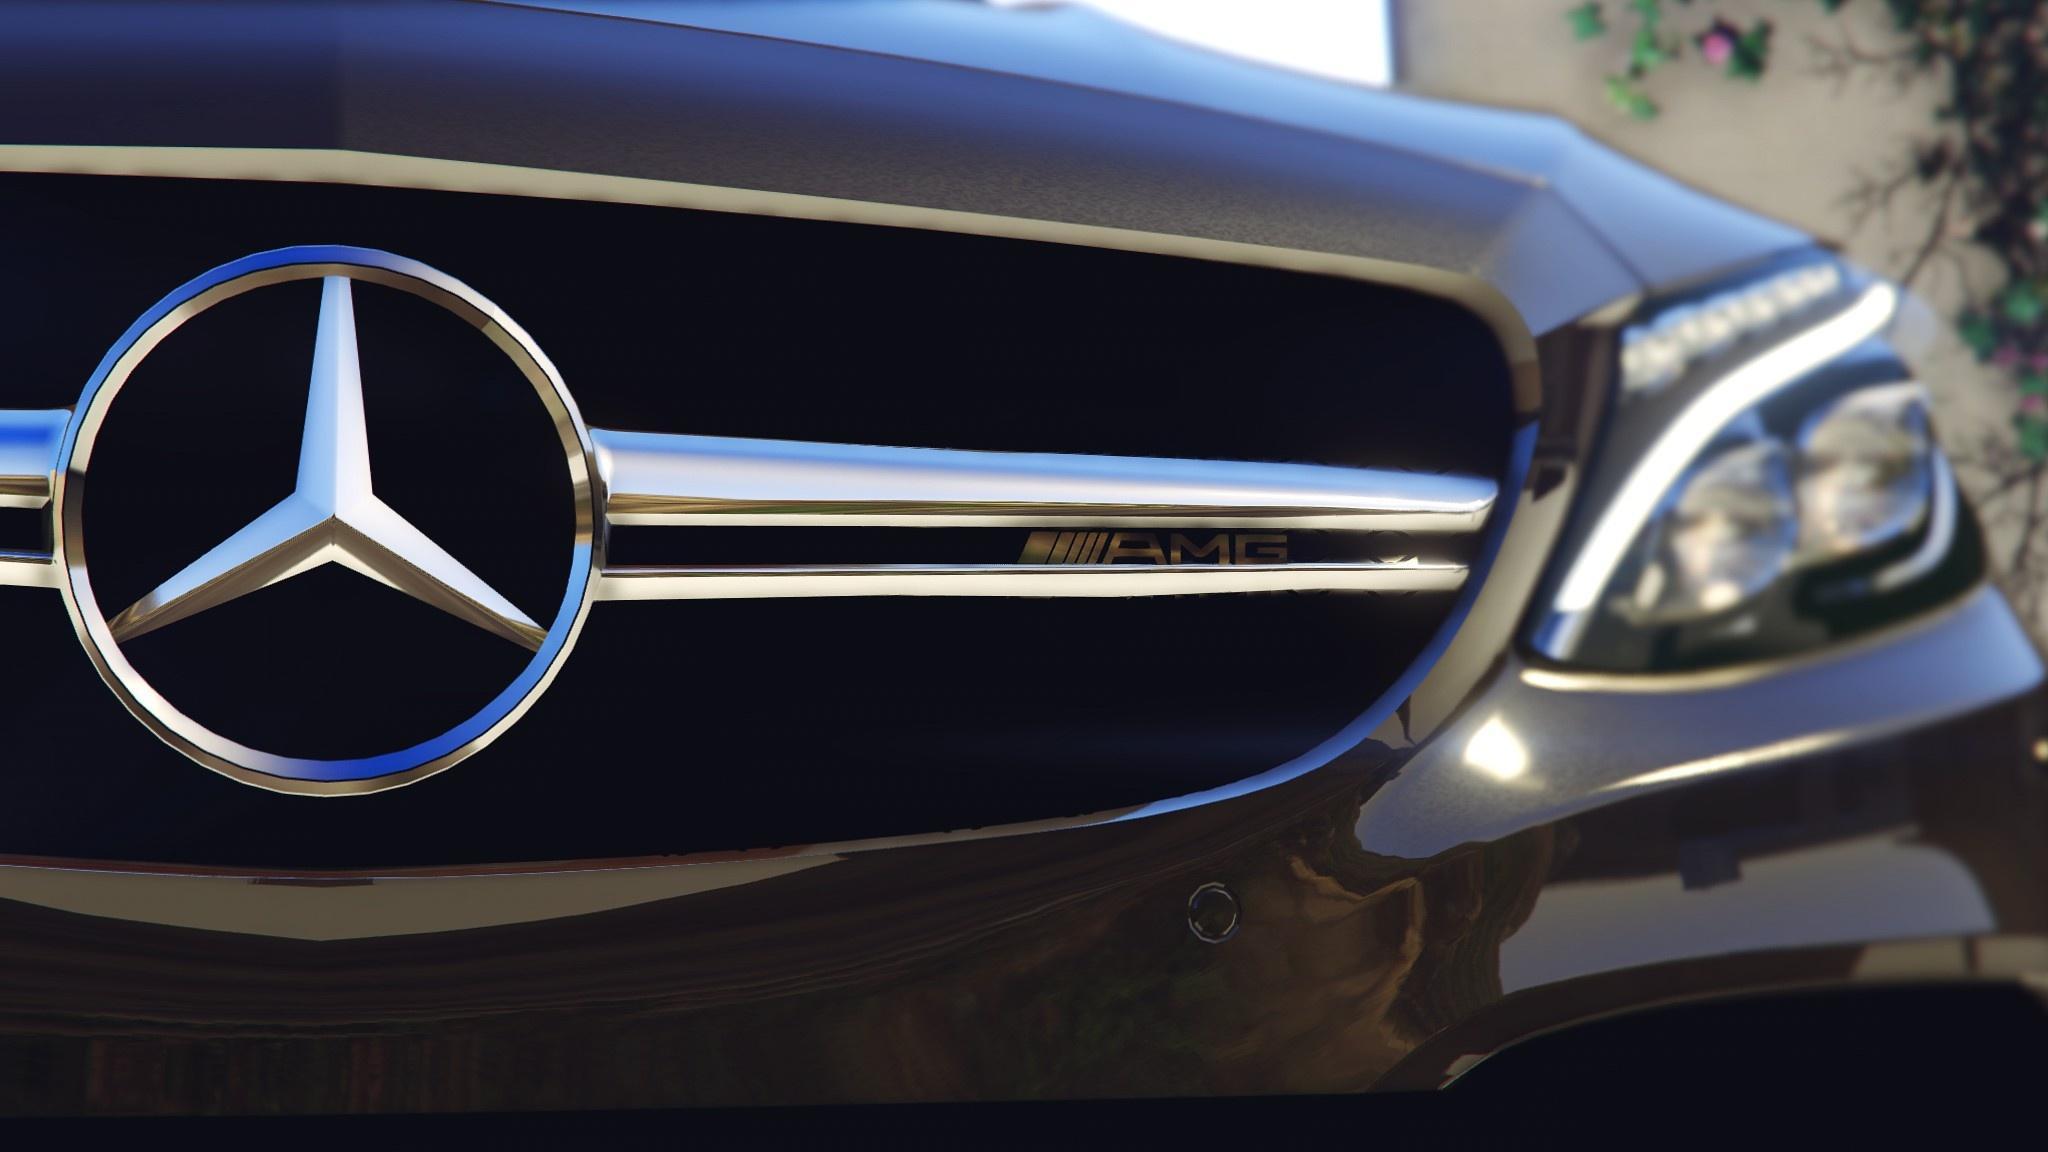 Mercedes C63s AMG Collectors Club